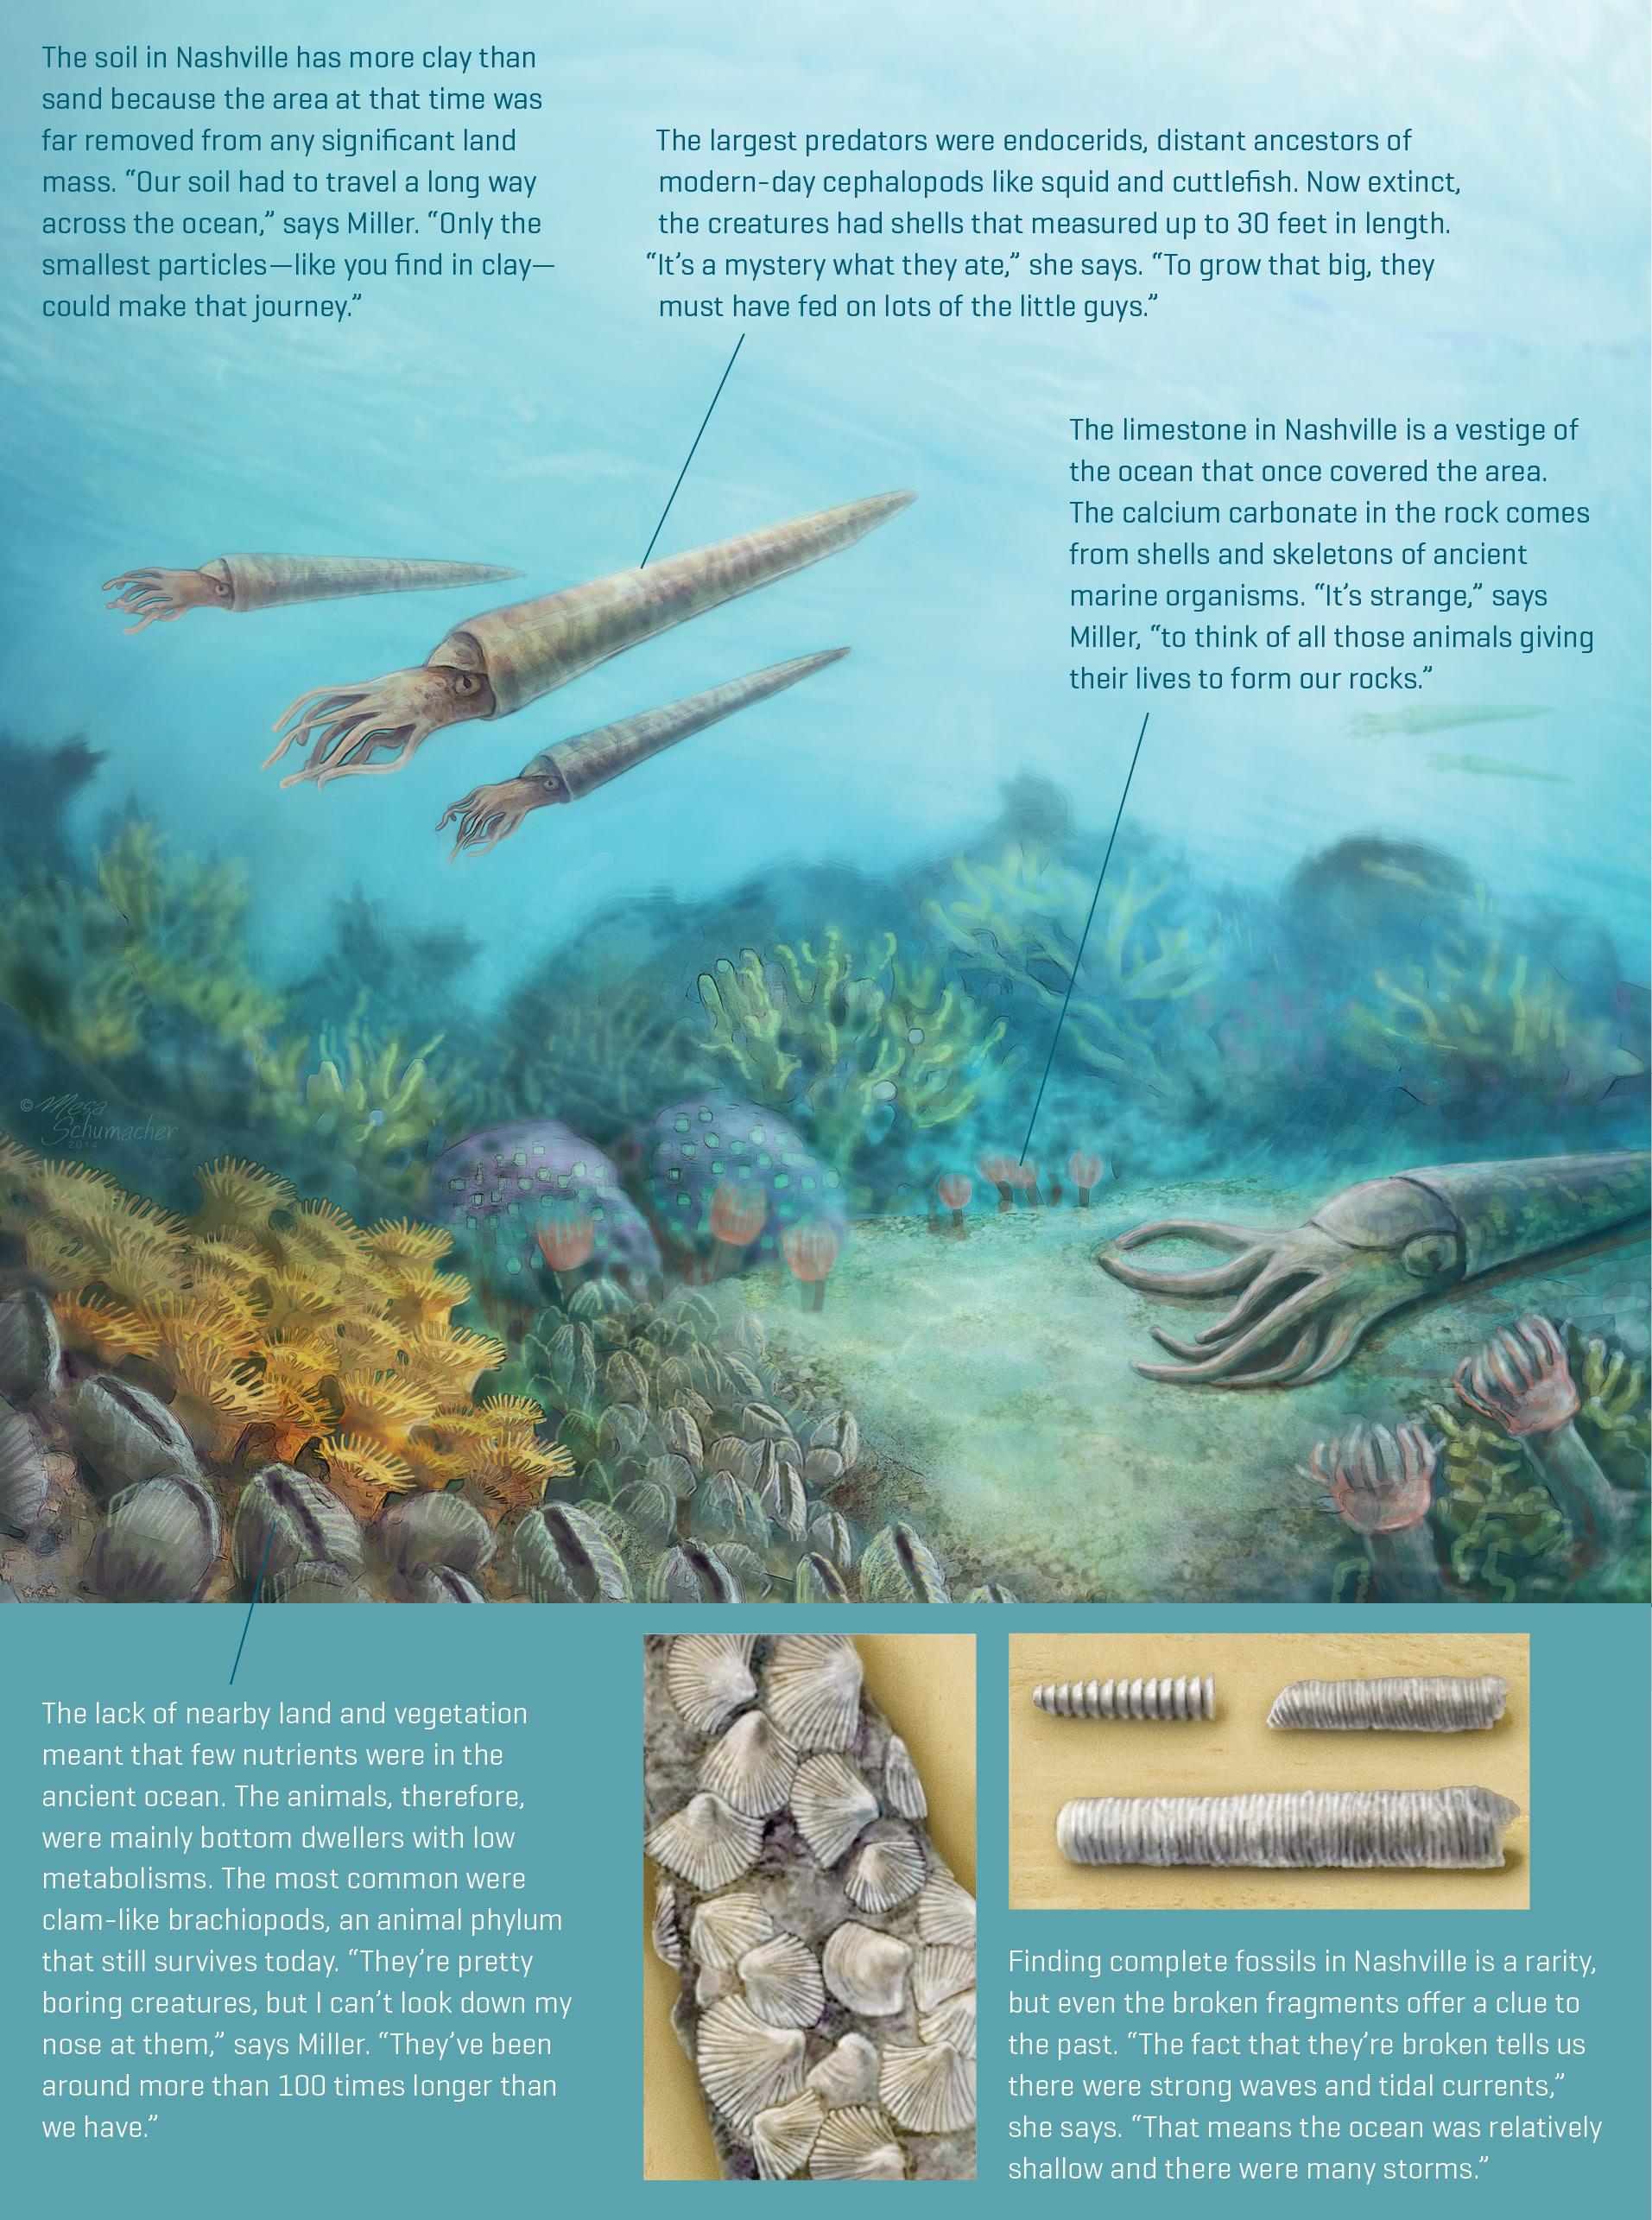 Illustration of Nashville 450 million years ago